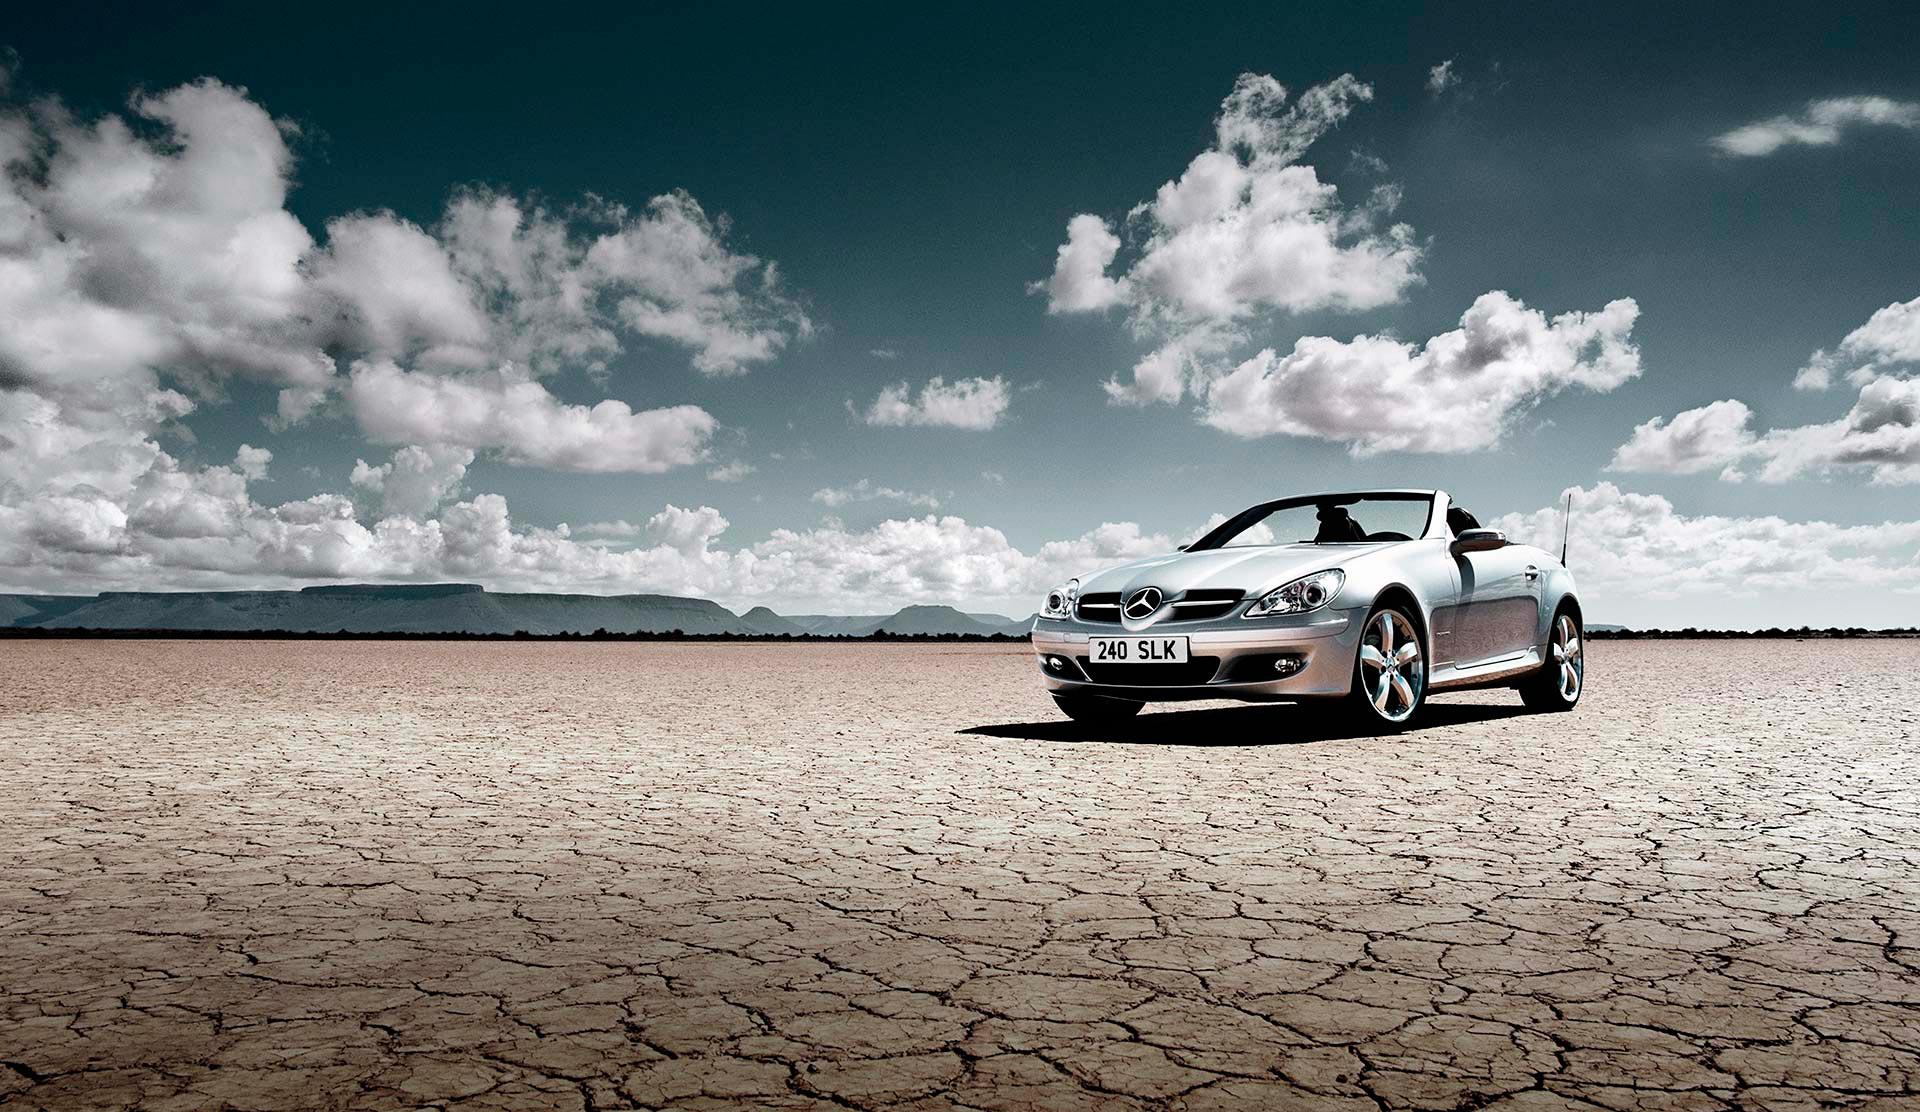 Mercedes SLK Namibia